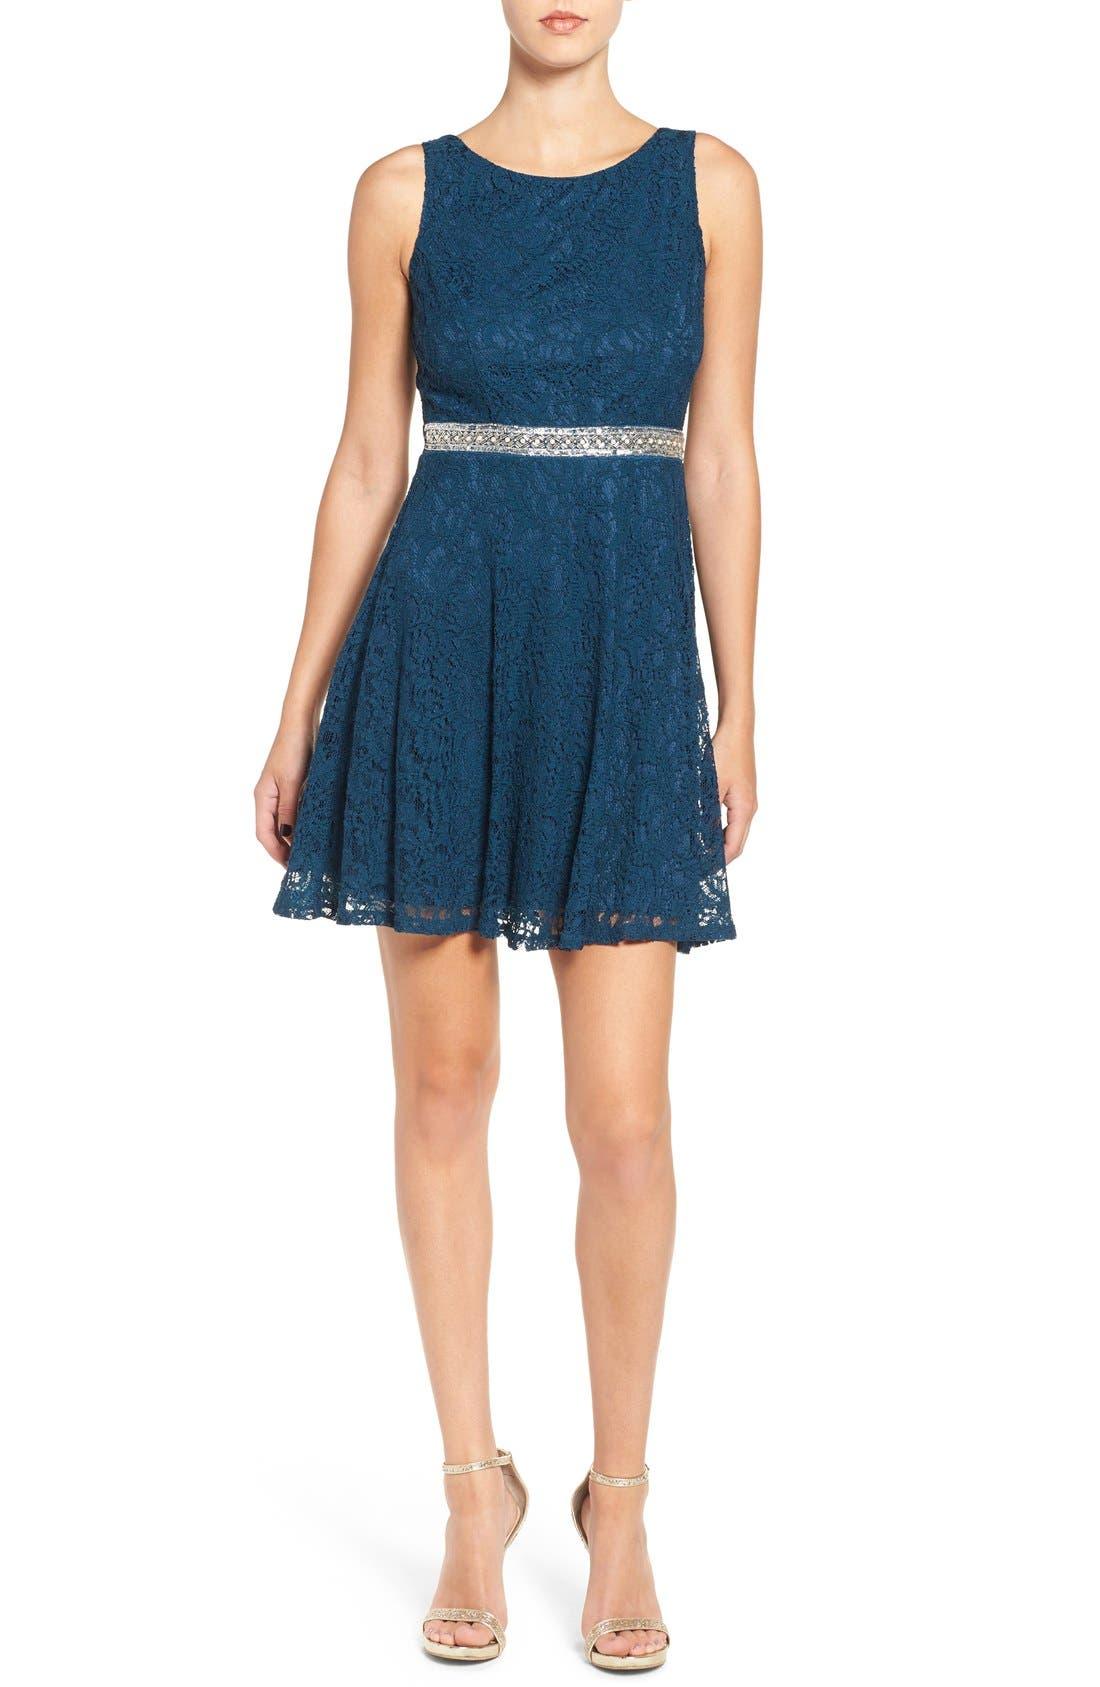 Main Image - Speechless Embellished Lace Skater Dress